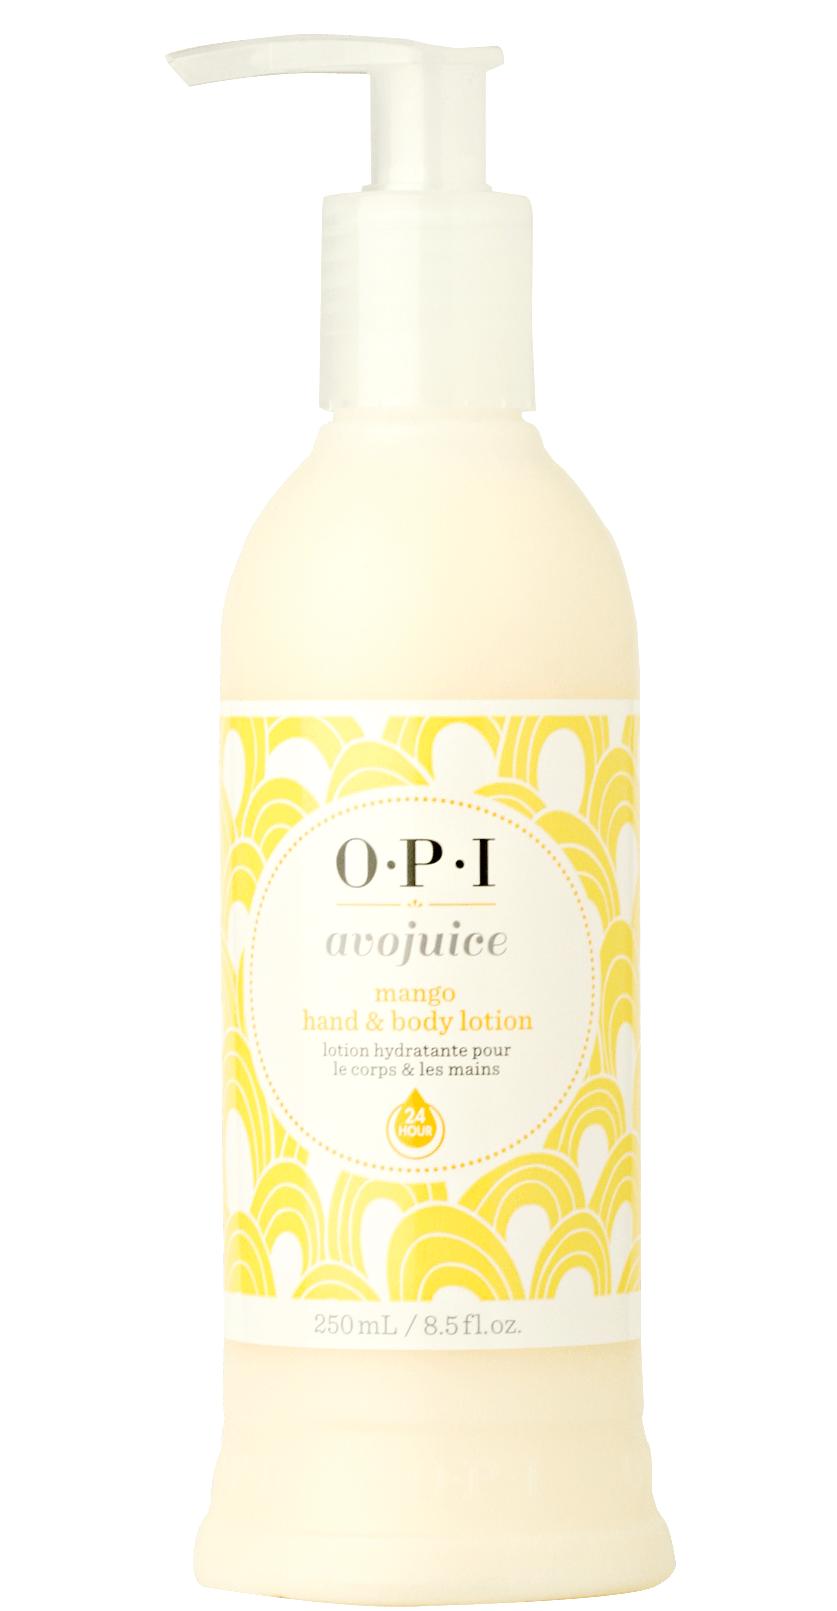 【レターパックのみ送料無料】OPI(オーピーアイ) アボジュース ハンド&ボディローション マンゴ250ml